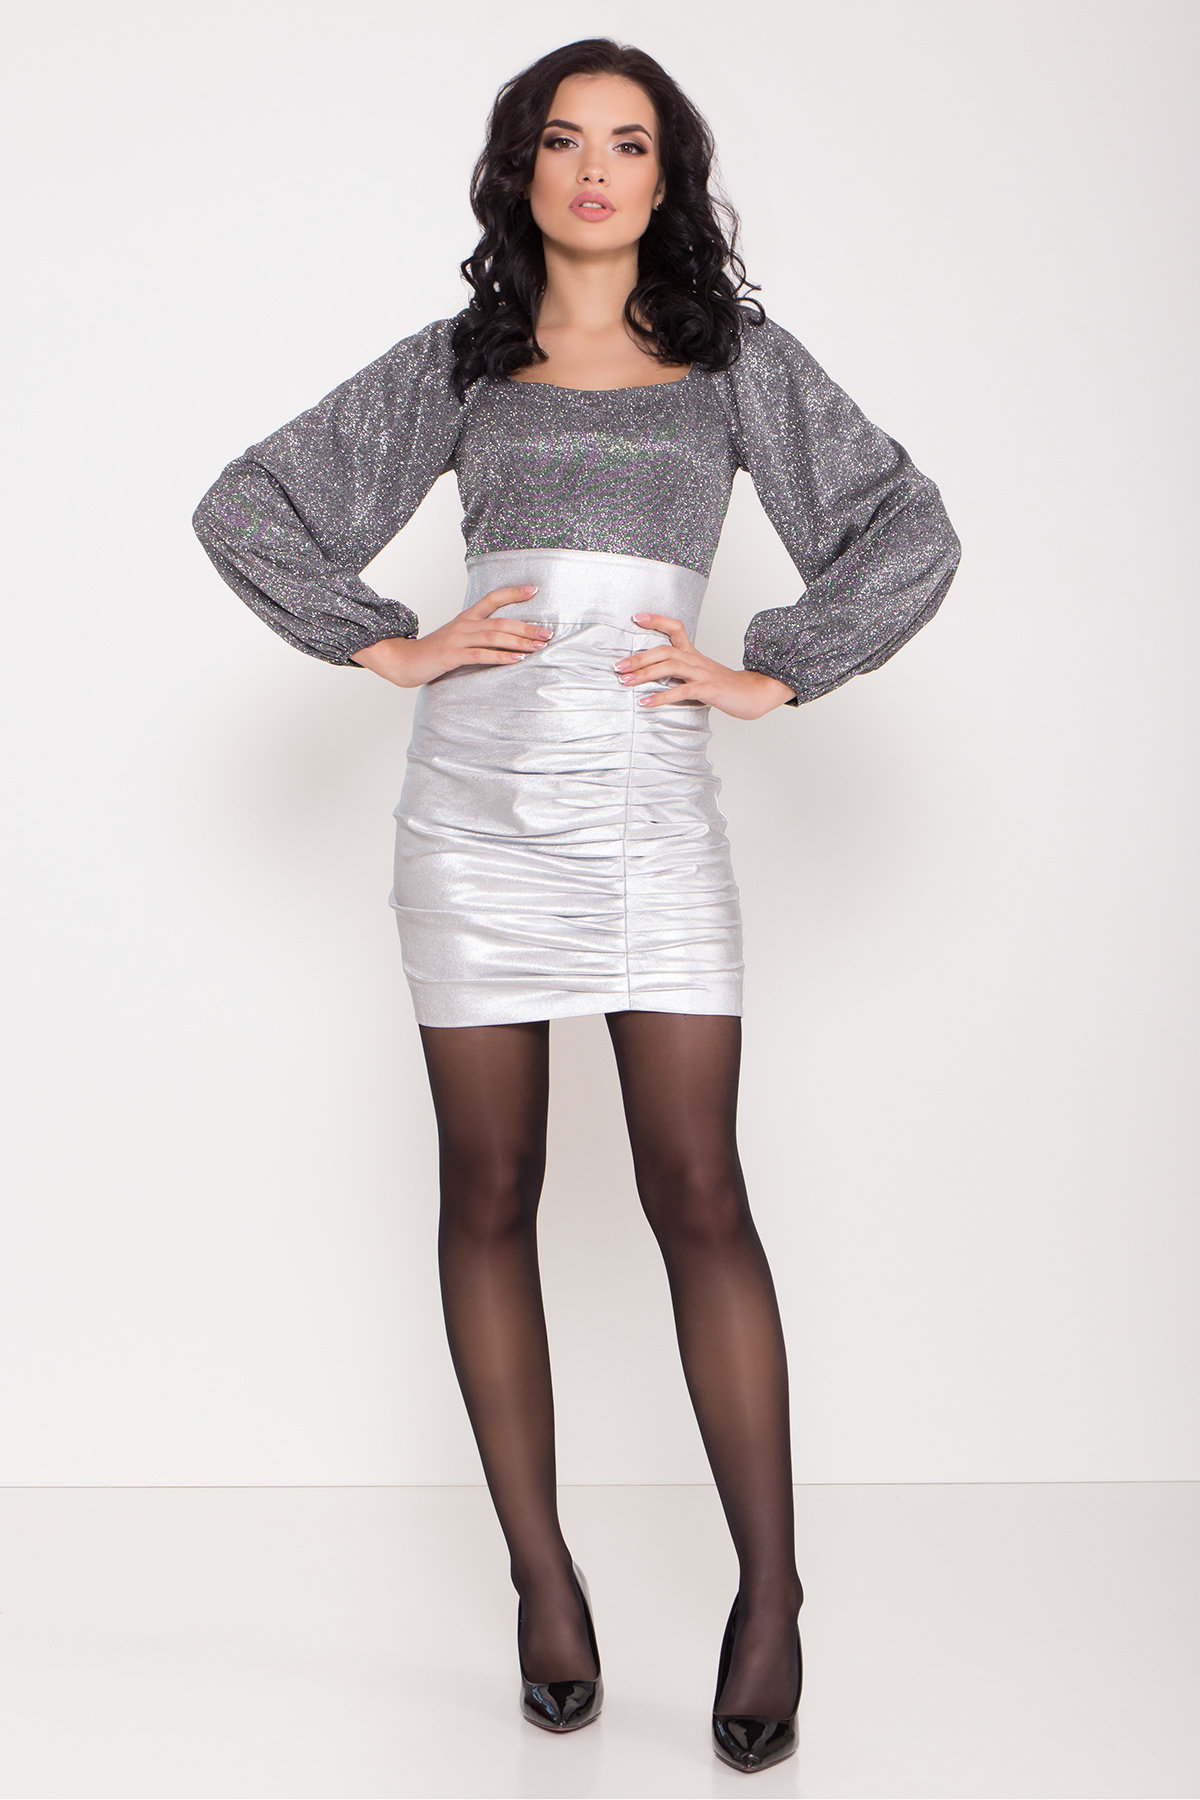 Платье с драпировкой Линси 8534 АРТ. 44973 Цвет: Серебро 2 - фото 1, интернет магазин tm-modus.ru